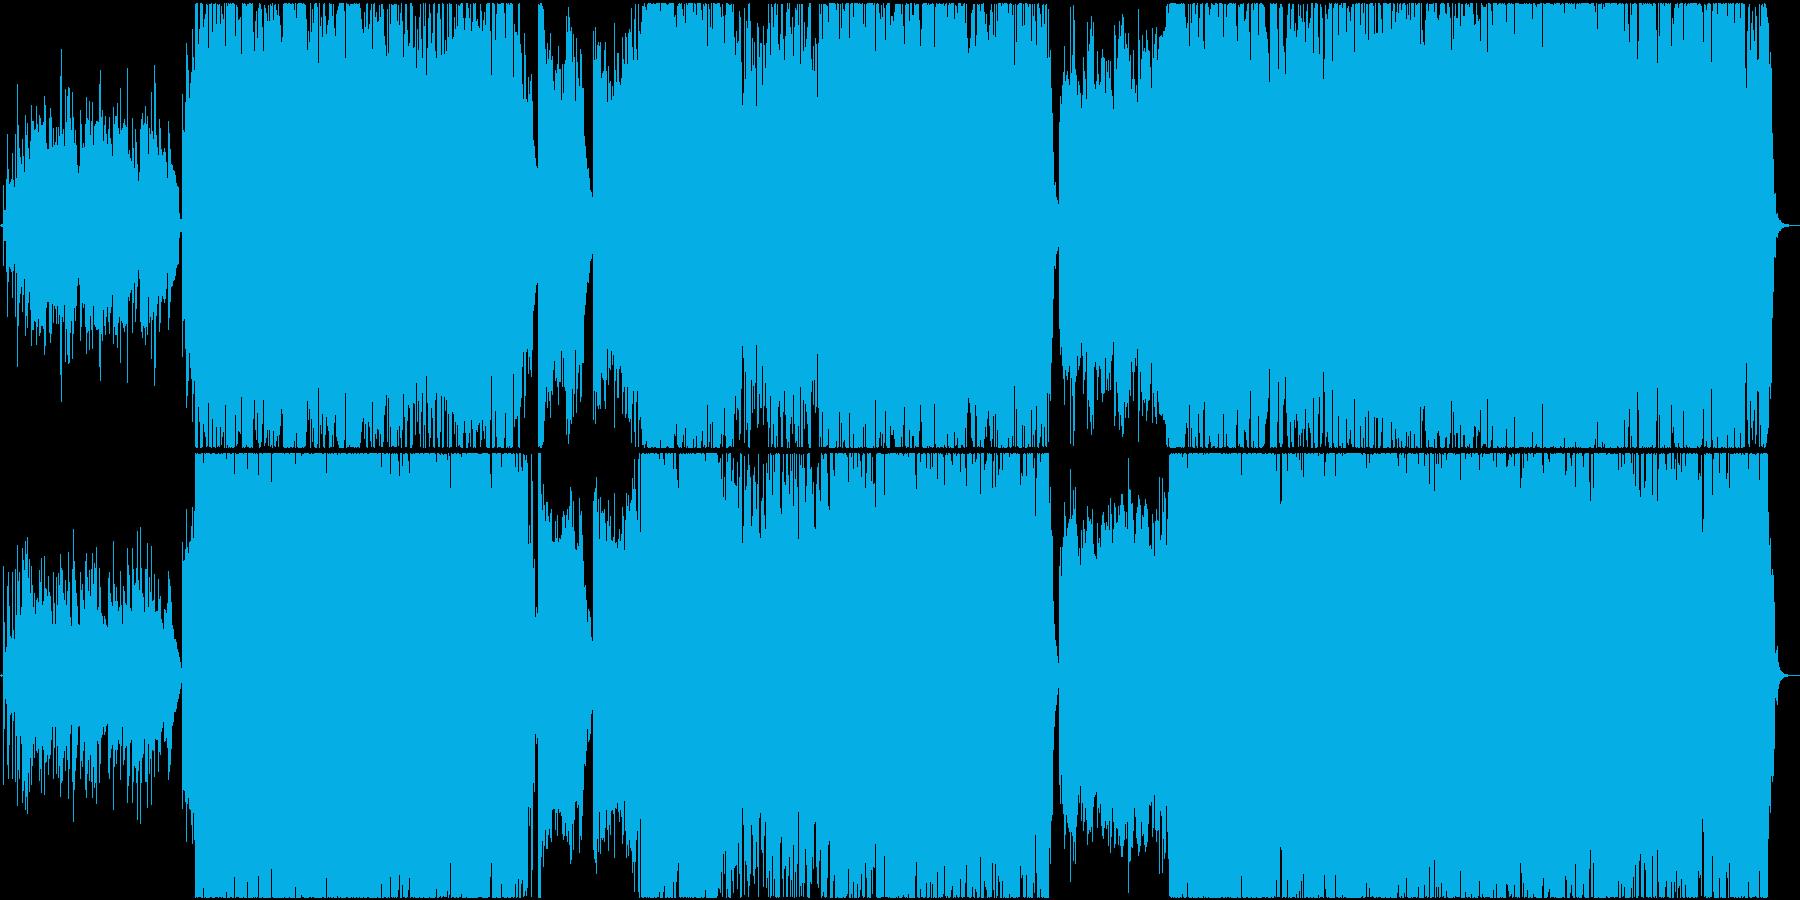 和楽器と中国楽器(二胡、古箏)を使った曲の再生済みの波形